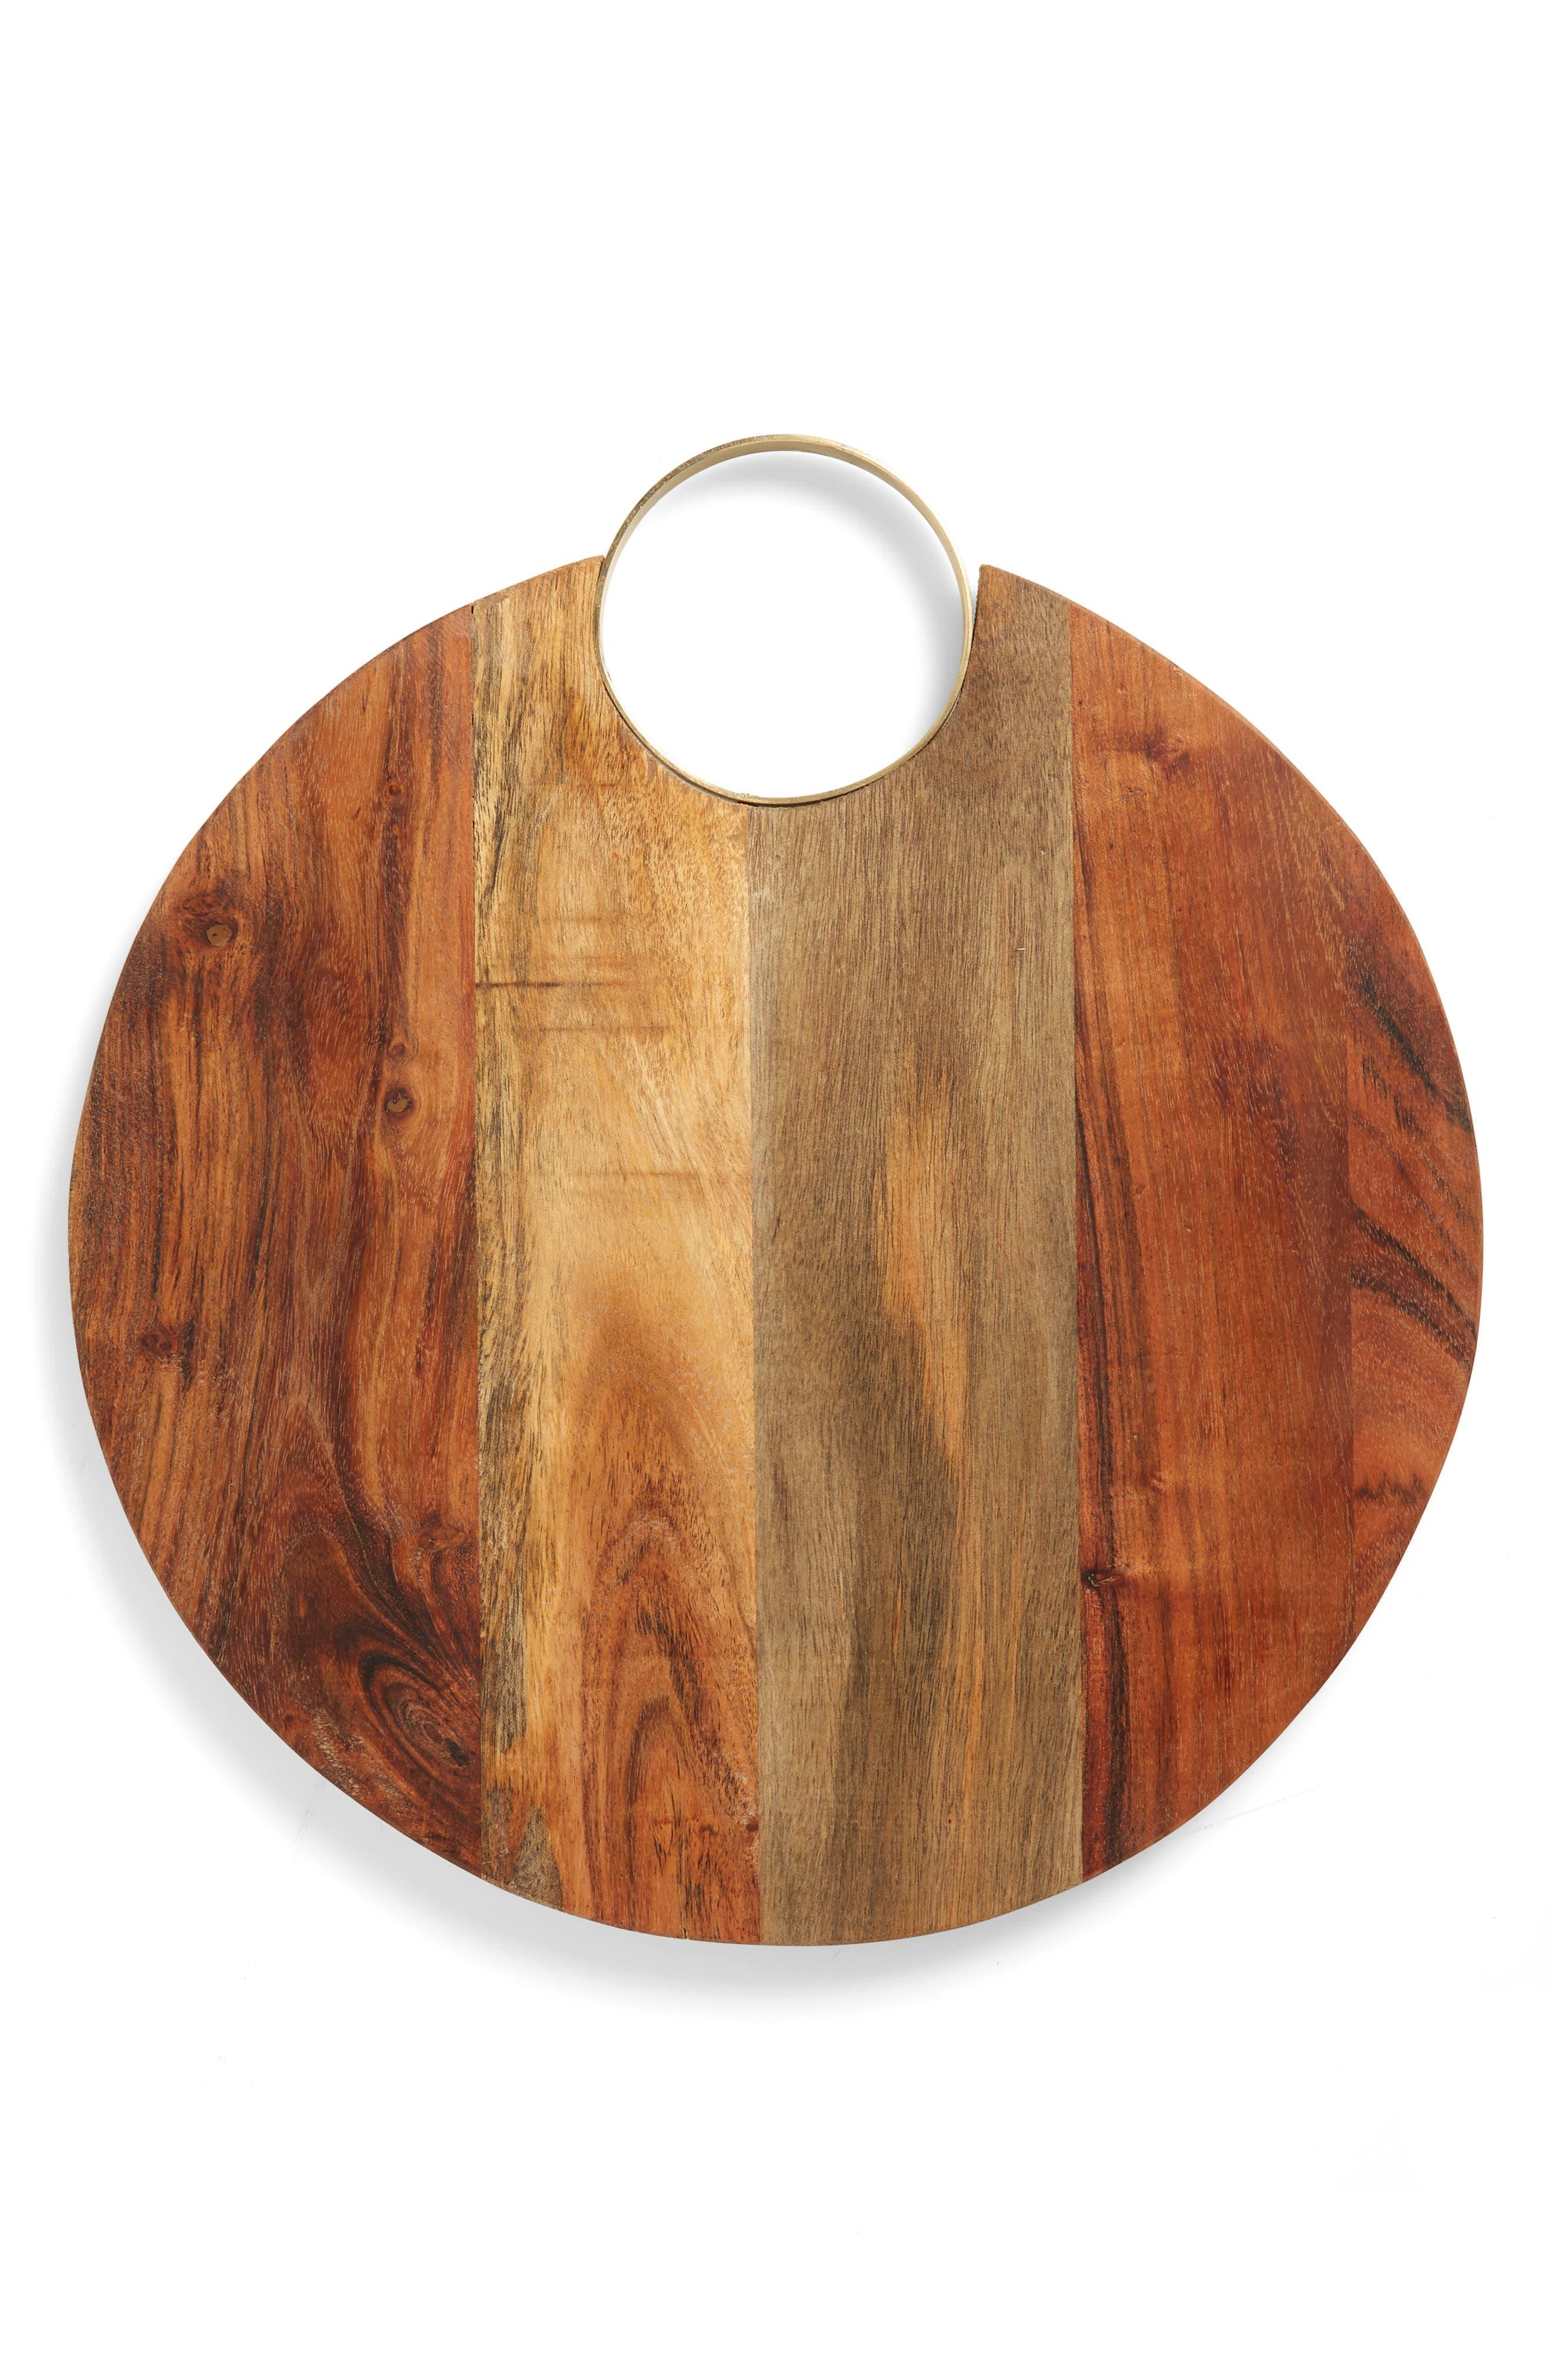 Acacia Wood Cheese Board,                             Main thumbnail 1, color,                             200